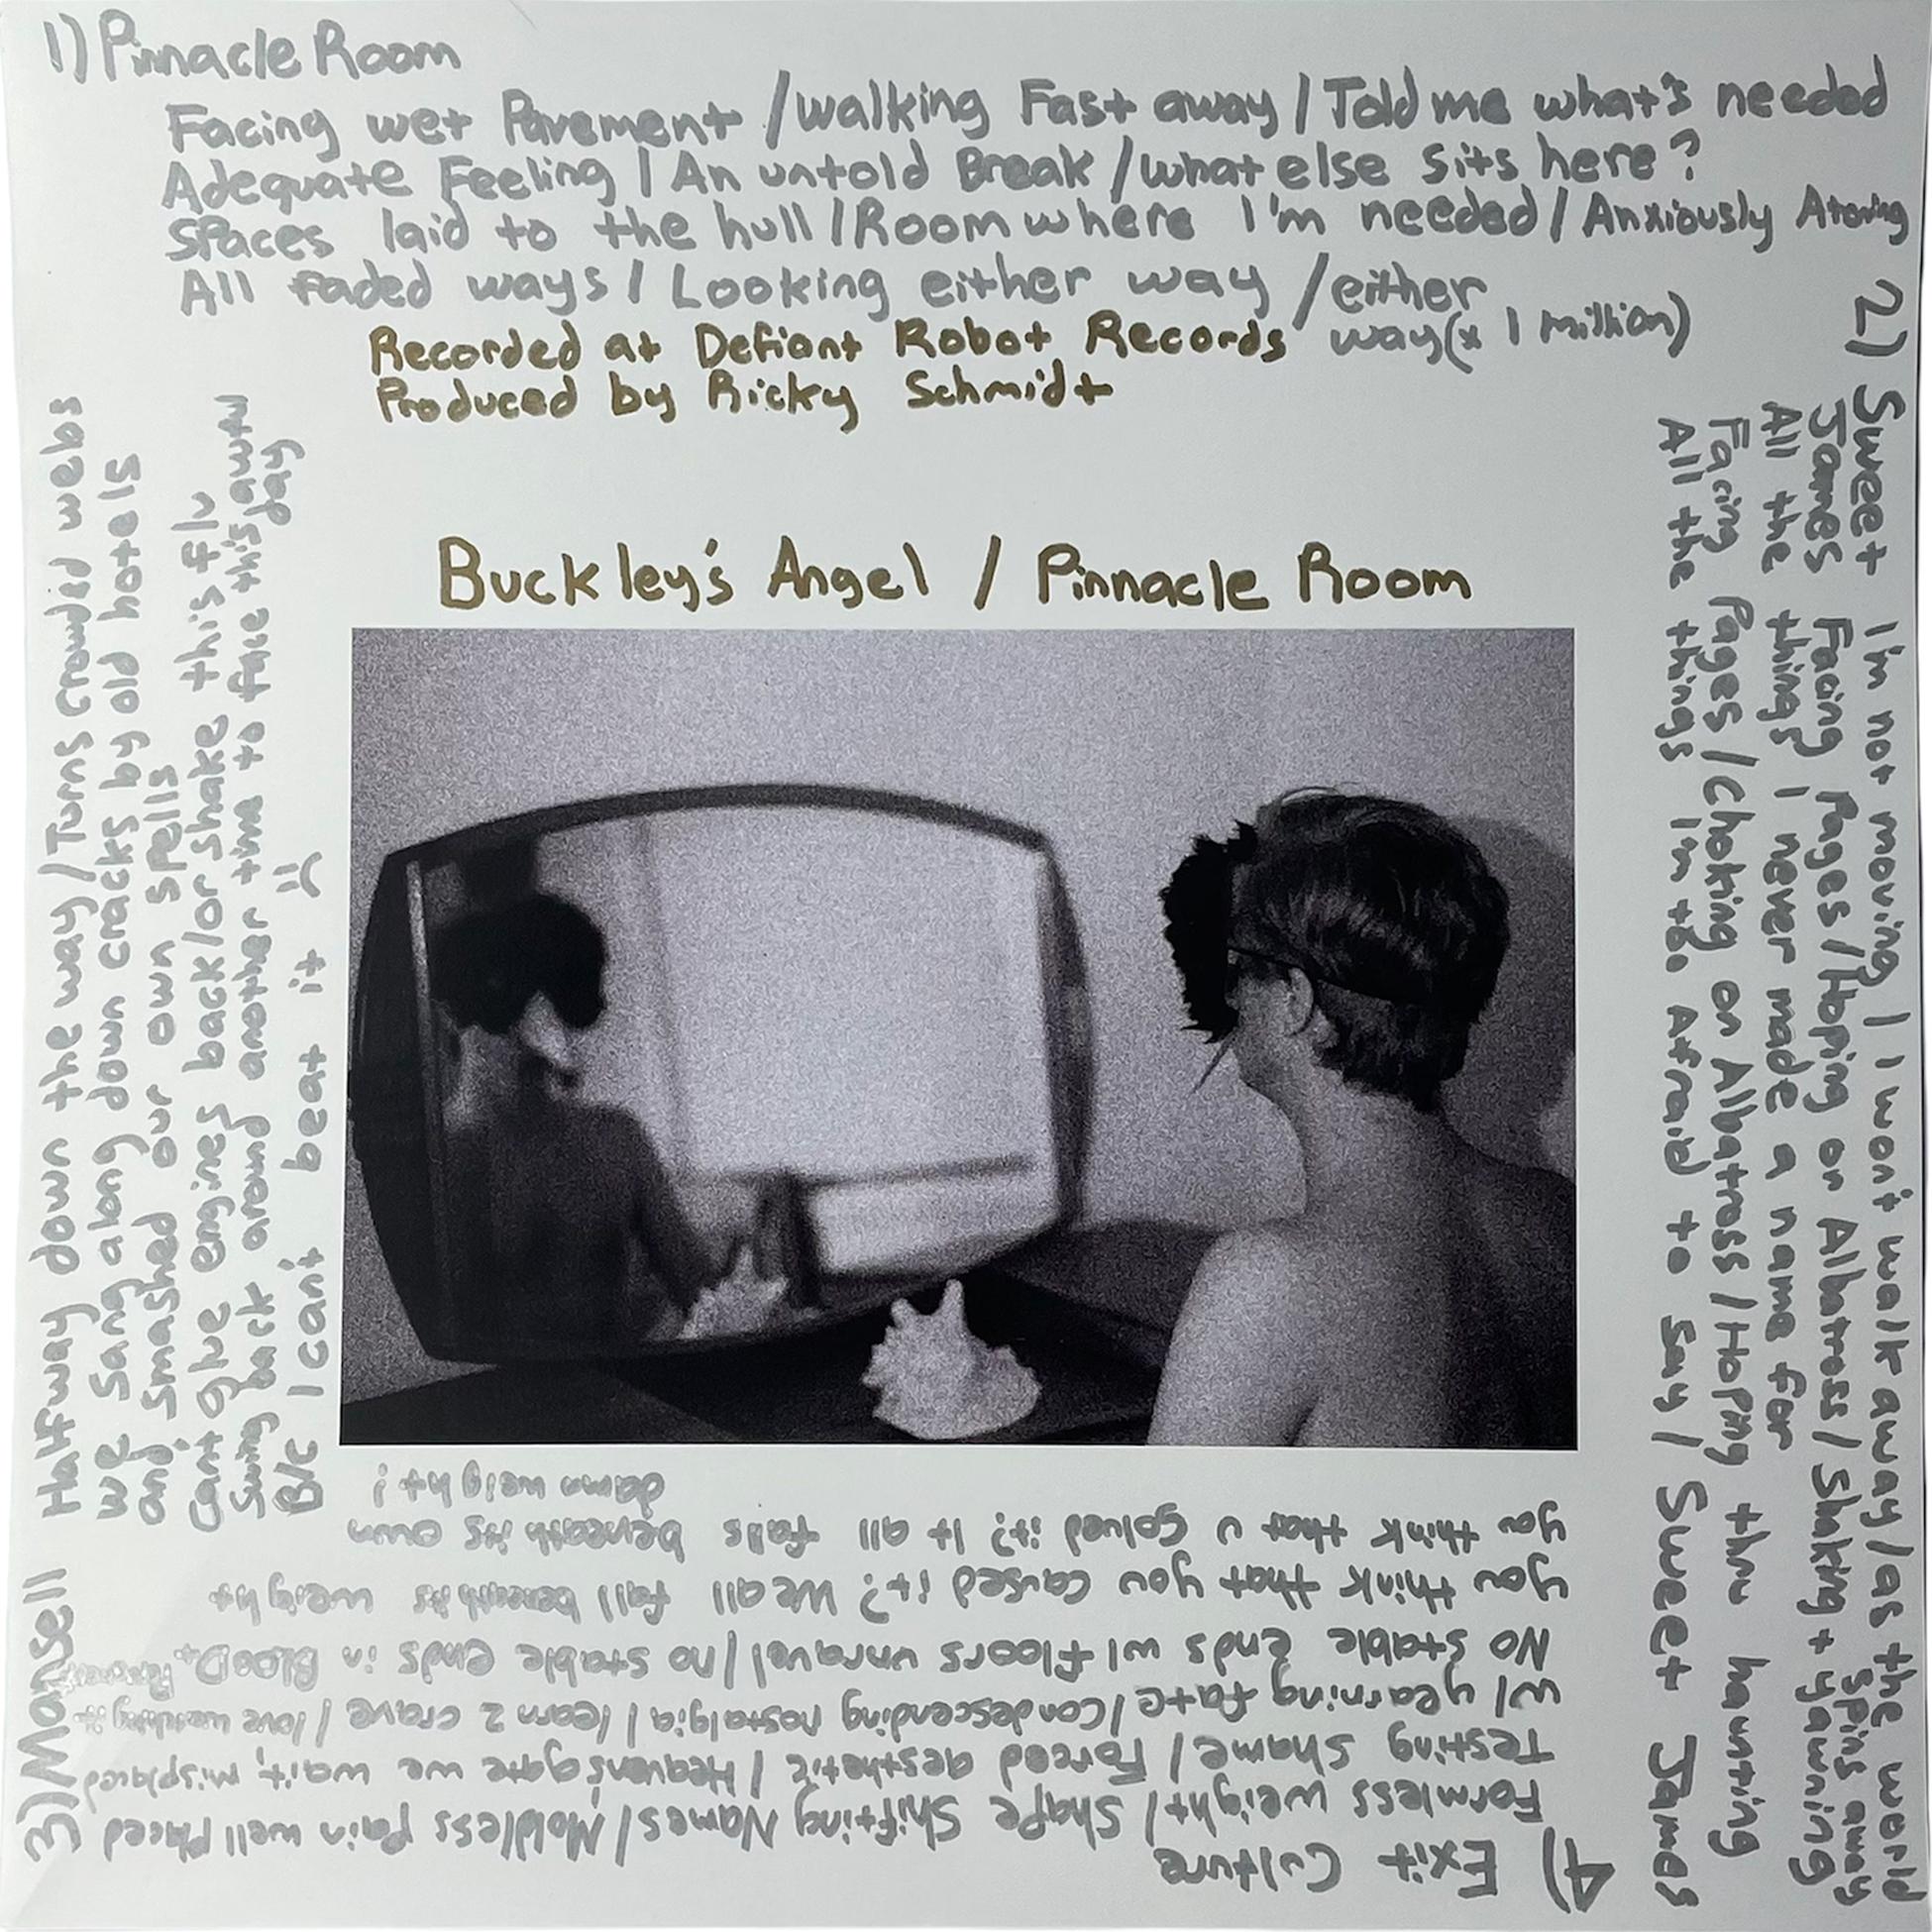 Buckley's Angel - Pinnacle Room